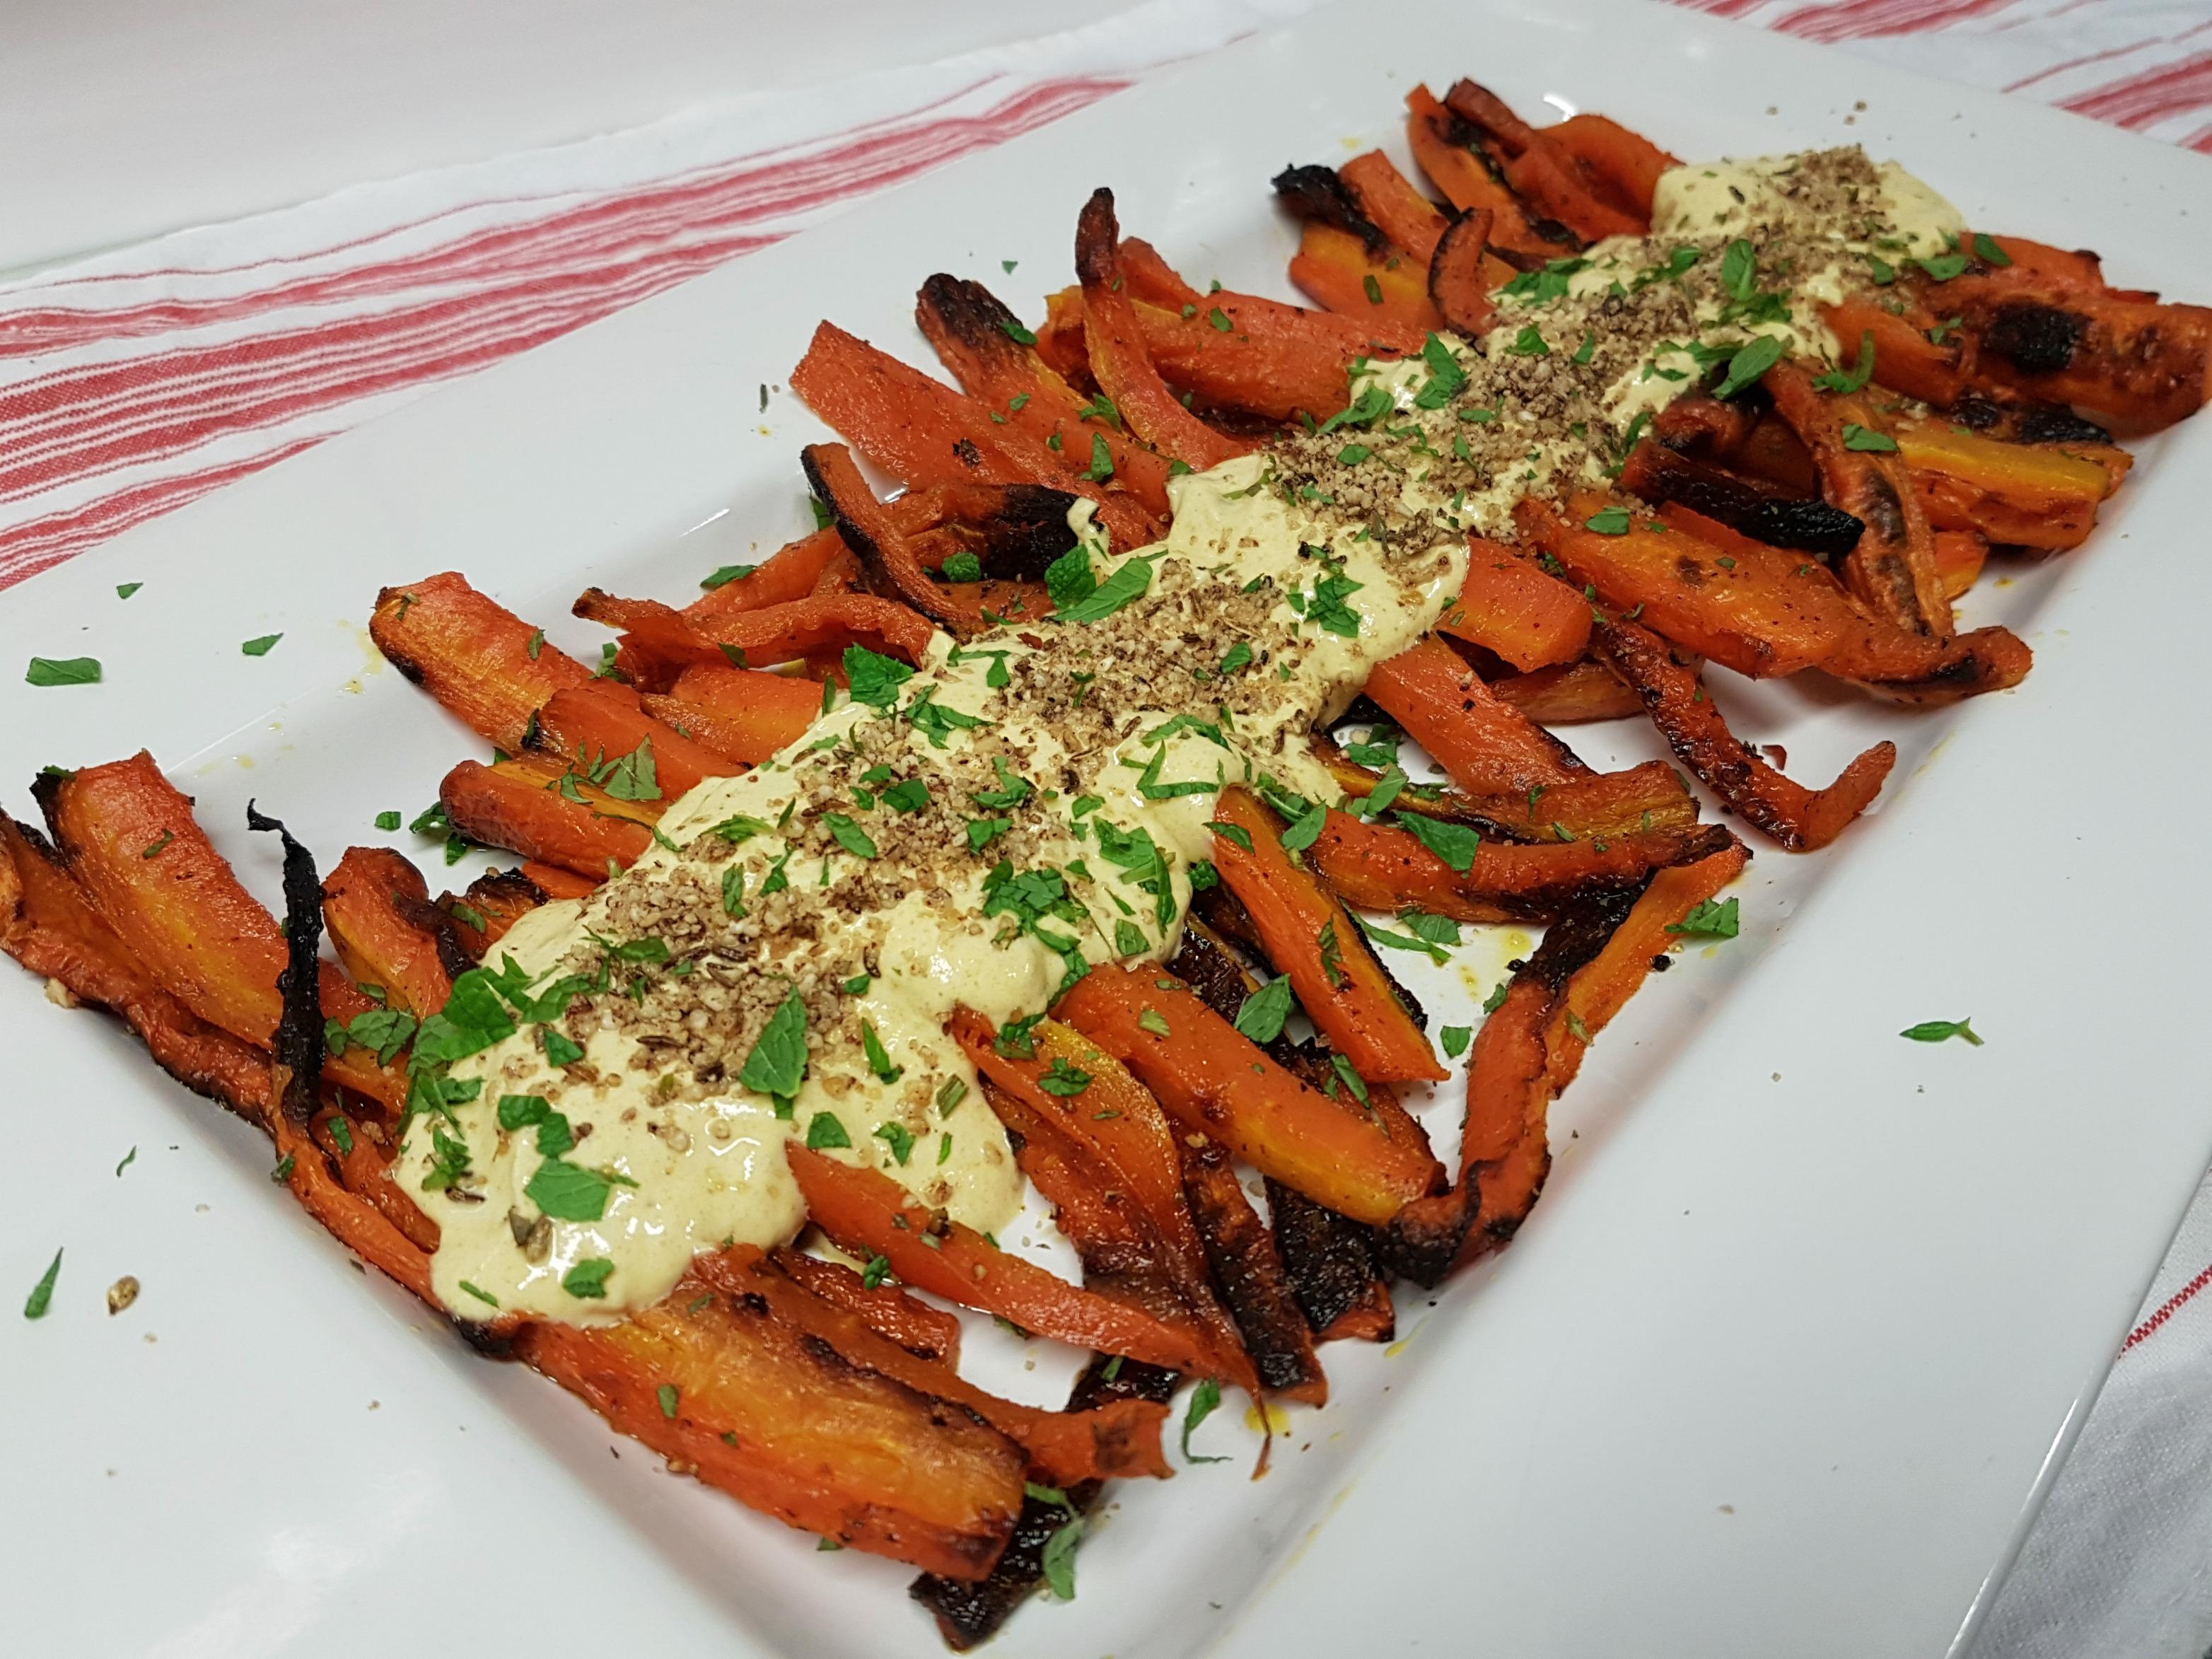 Roast Carrot Salad with Spiced Yoghurt Dip